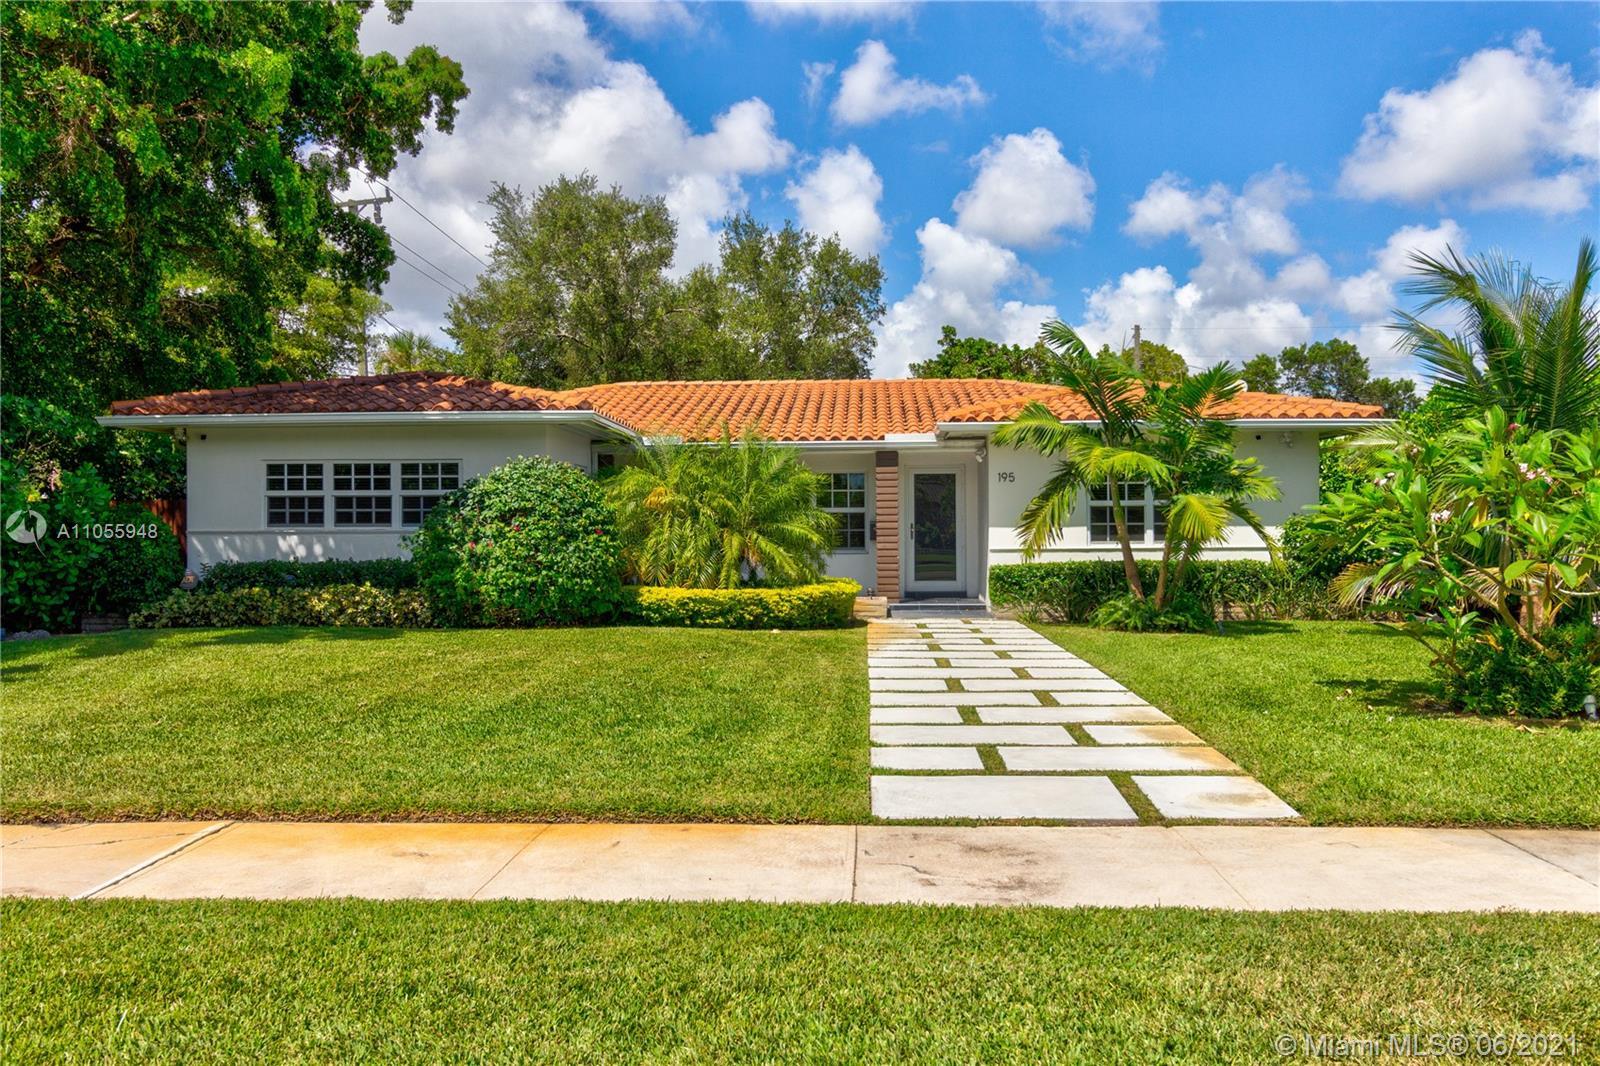 Miami Shores - 195 NW 96th St, Miami Shores, FL 33150